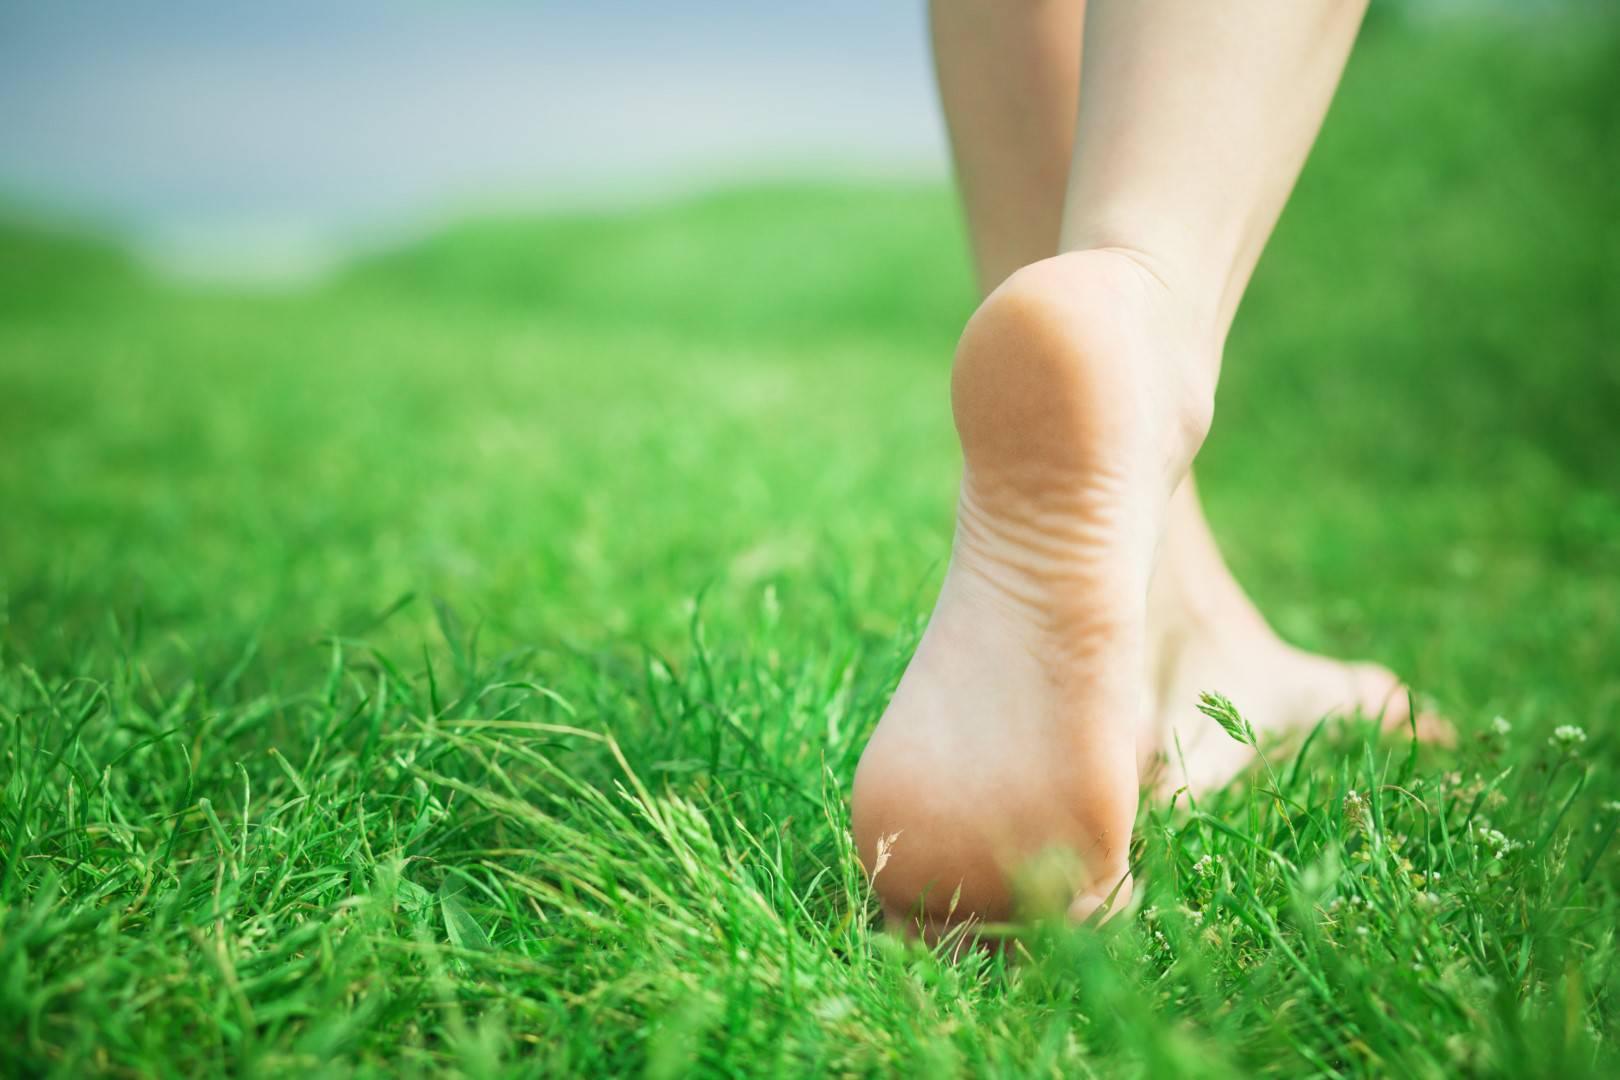 Sretniji mališani: Bose dječje noge za zdravlje i ravnotežu